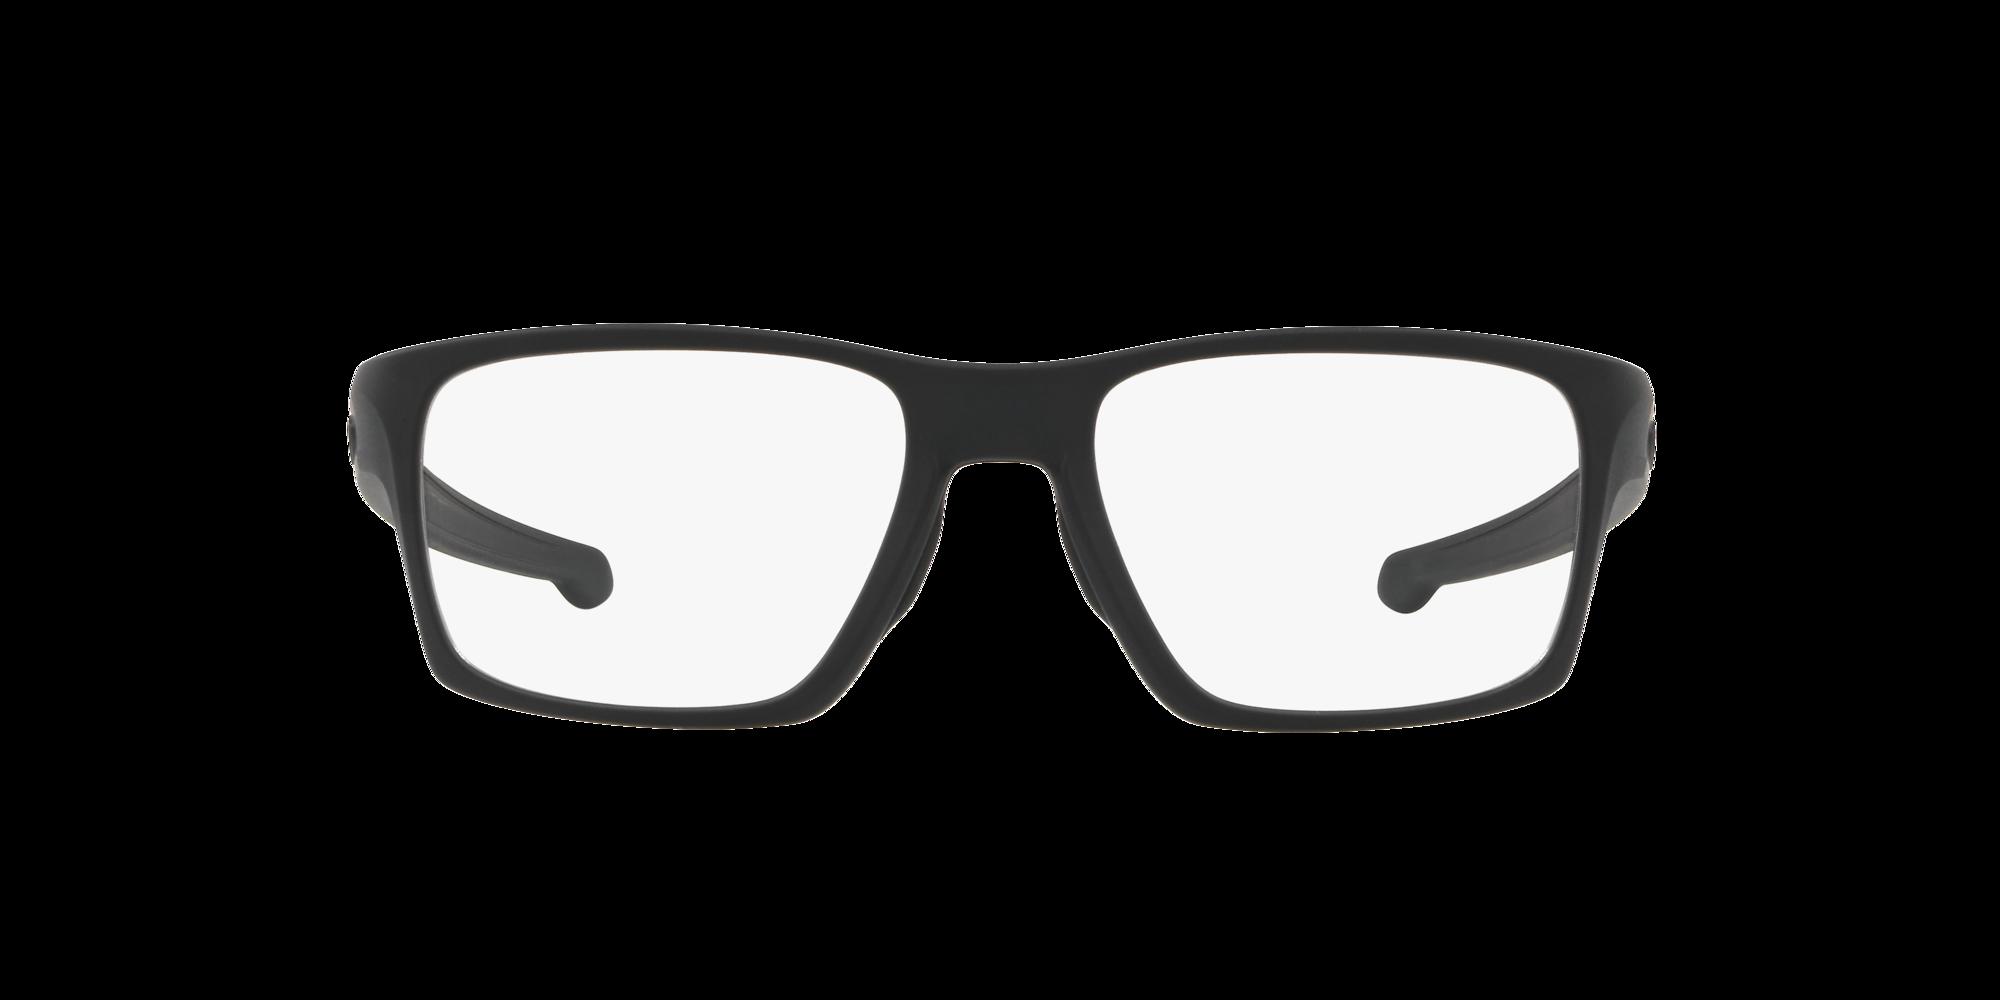 Imagen para OX8140 LITEBEAM de LensCrafters |  Espejuelos, espejuelos graduados en línea, gafas